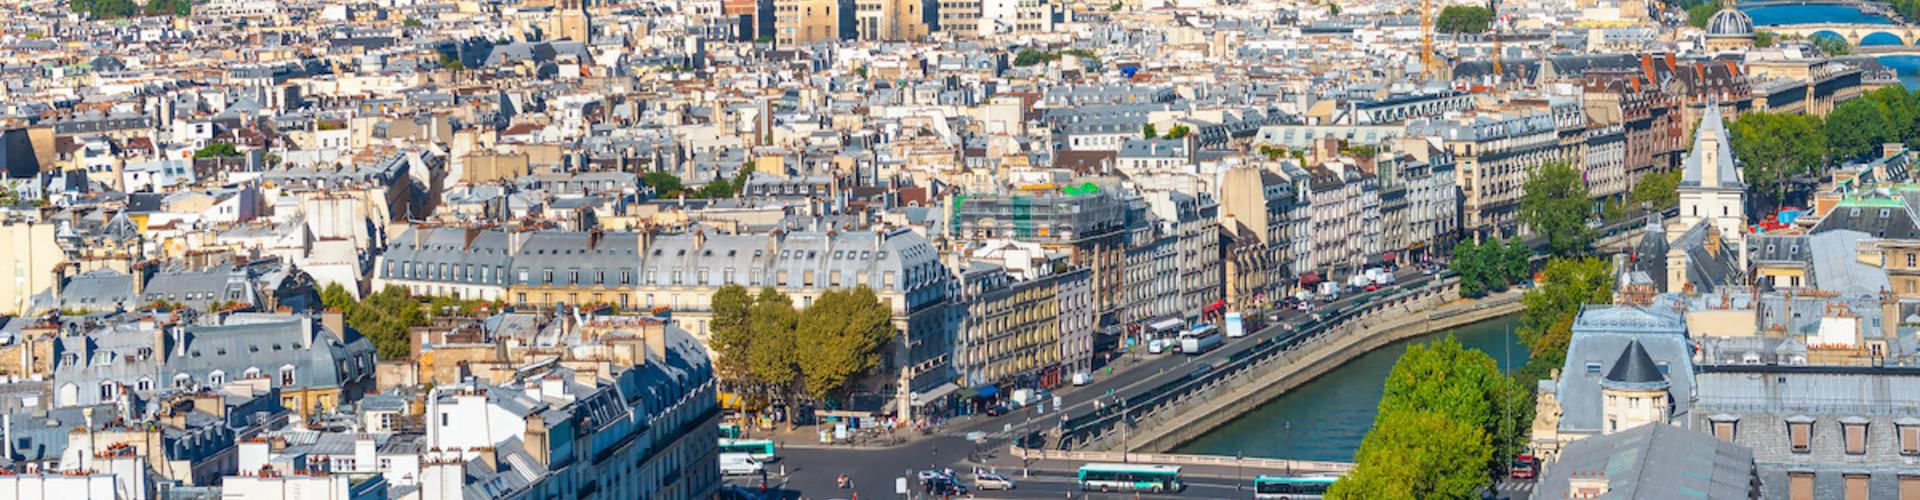 La Ferme Urbaine de Paris